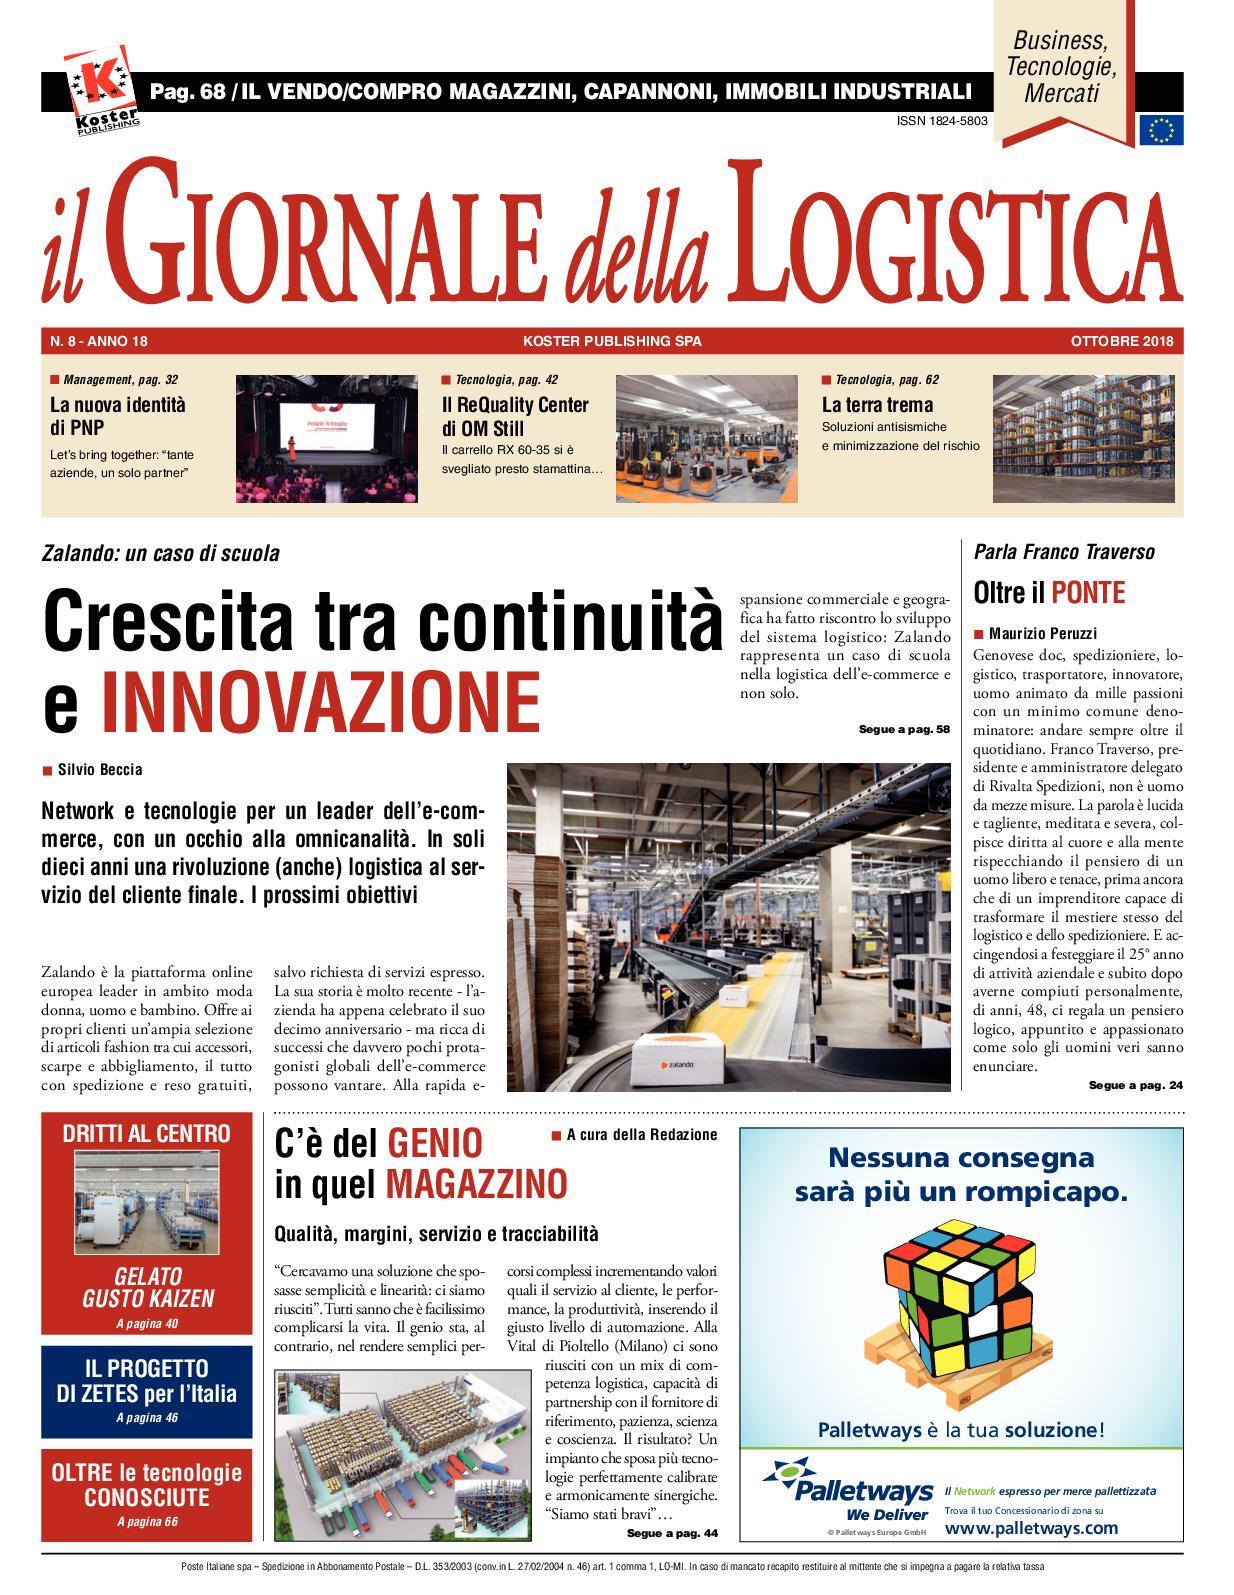 Logistica 2018 Il Giornale Ottobre Della Calaméo EH9YWD2I